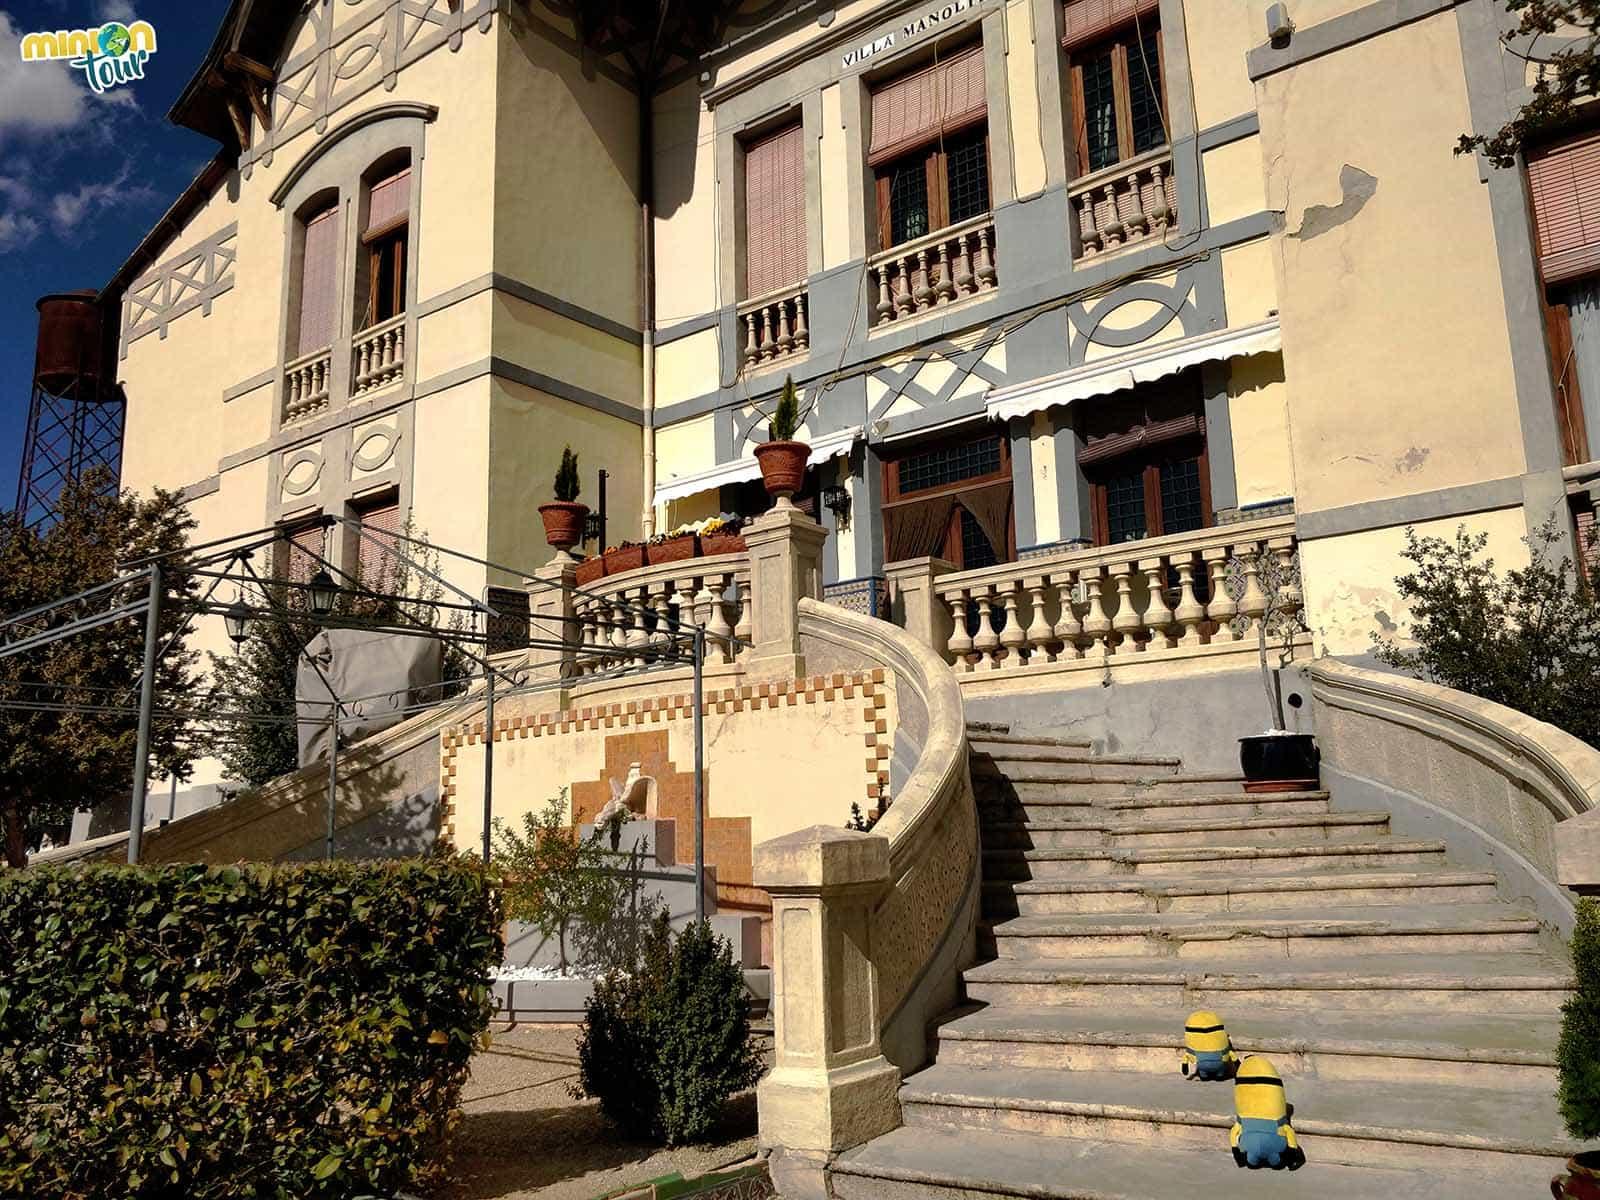 Cuando visitamos Fuensanta nos quedamos a dormir en el Hotel Villa Manolita